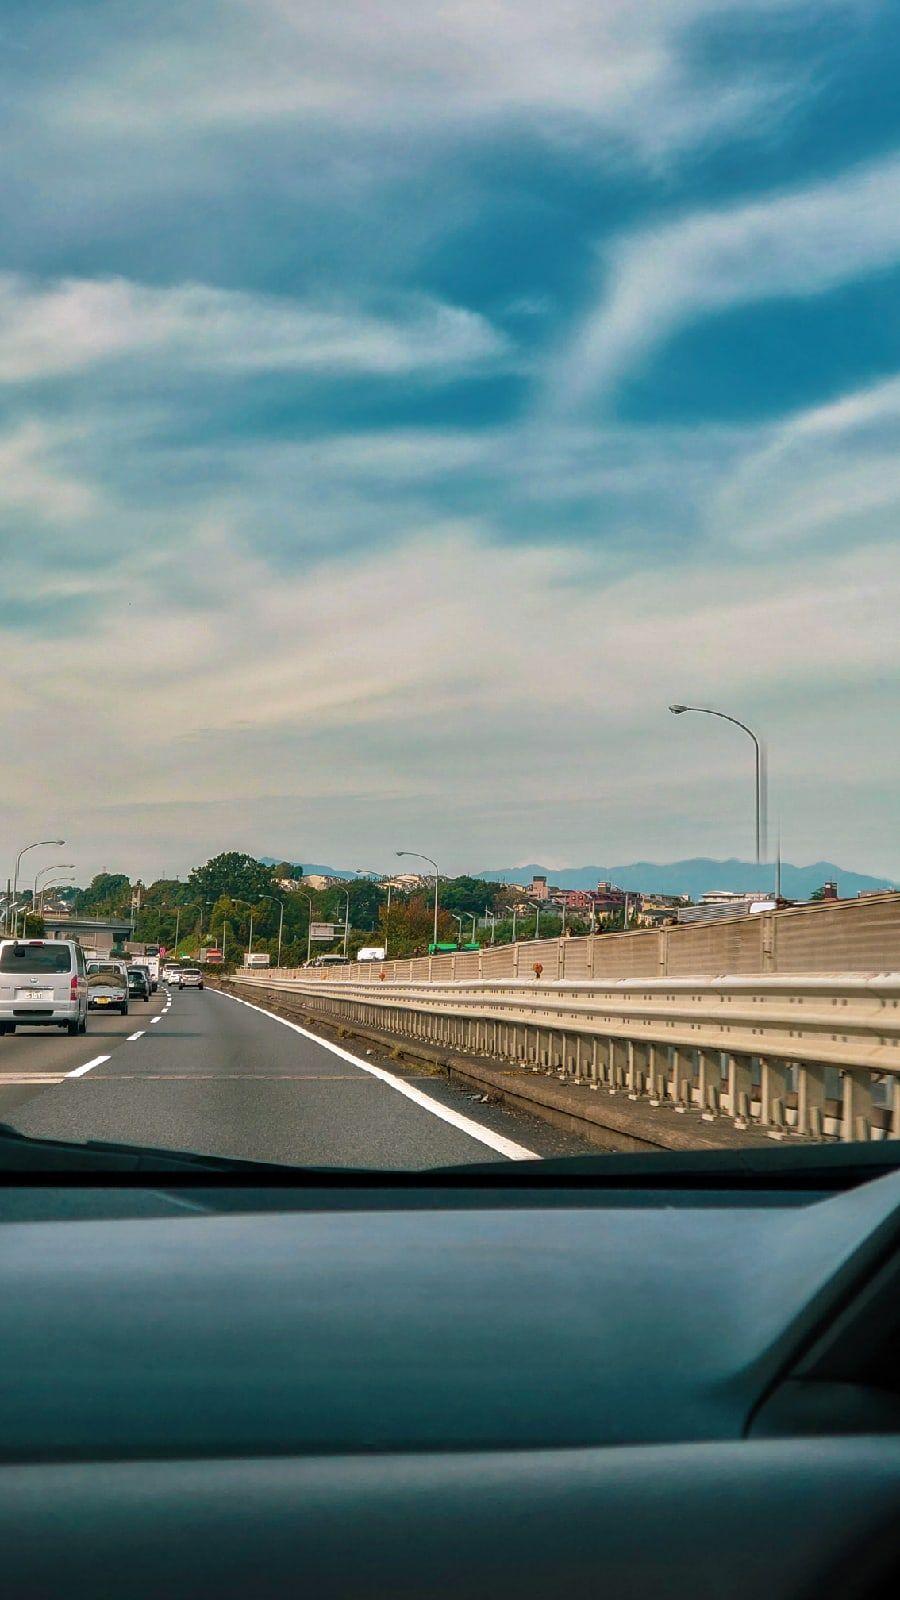 Один мой день в префектуре Сидзока, Япония, я покажу вам долгожданную семейную поездку, фото 8